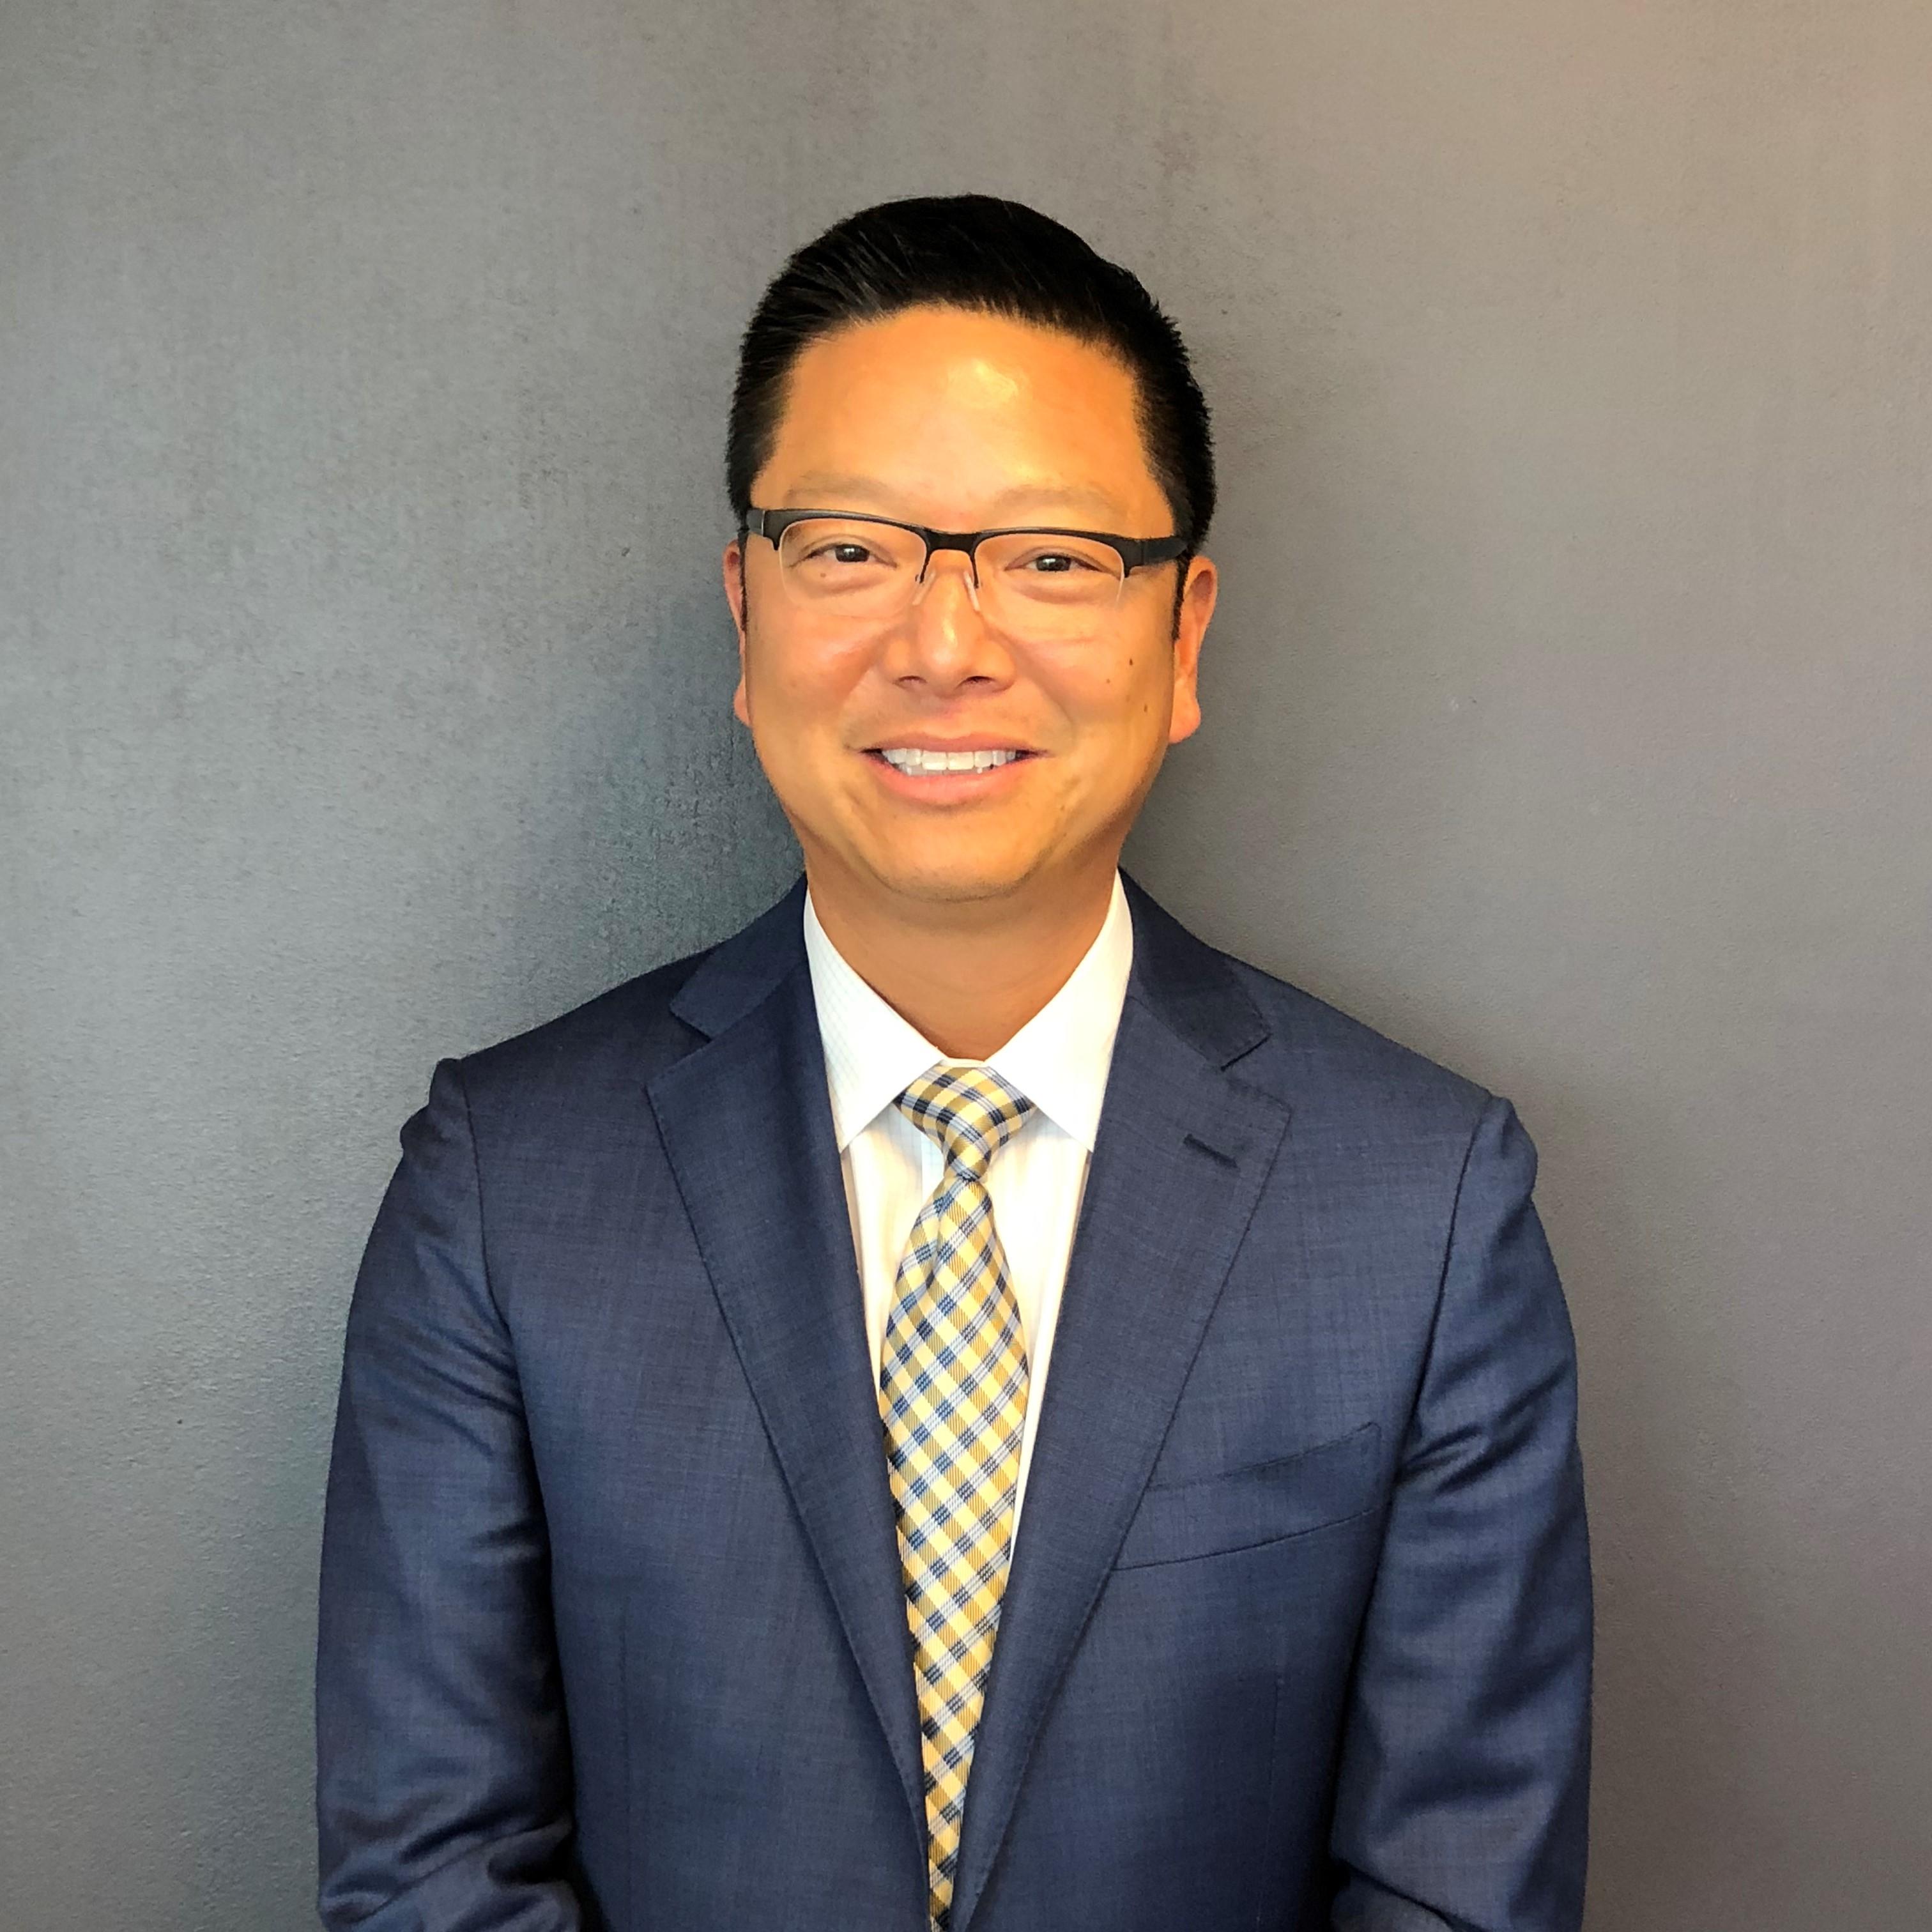 Joey Huang Bio Image